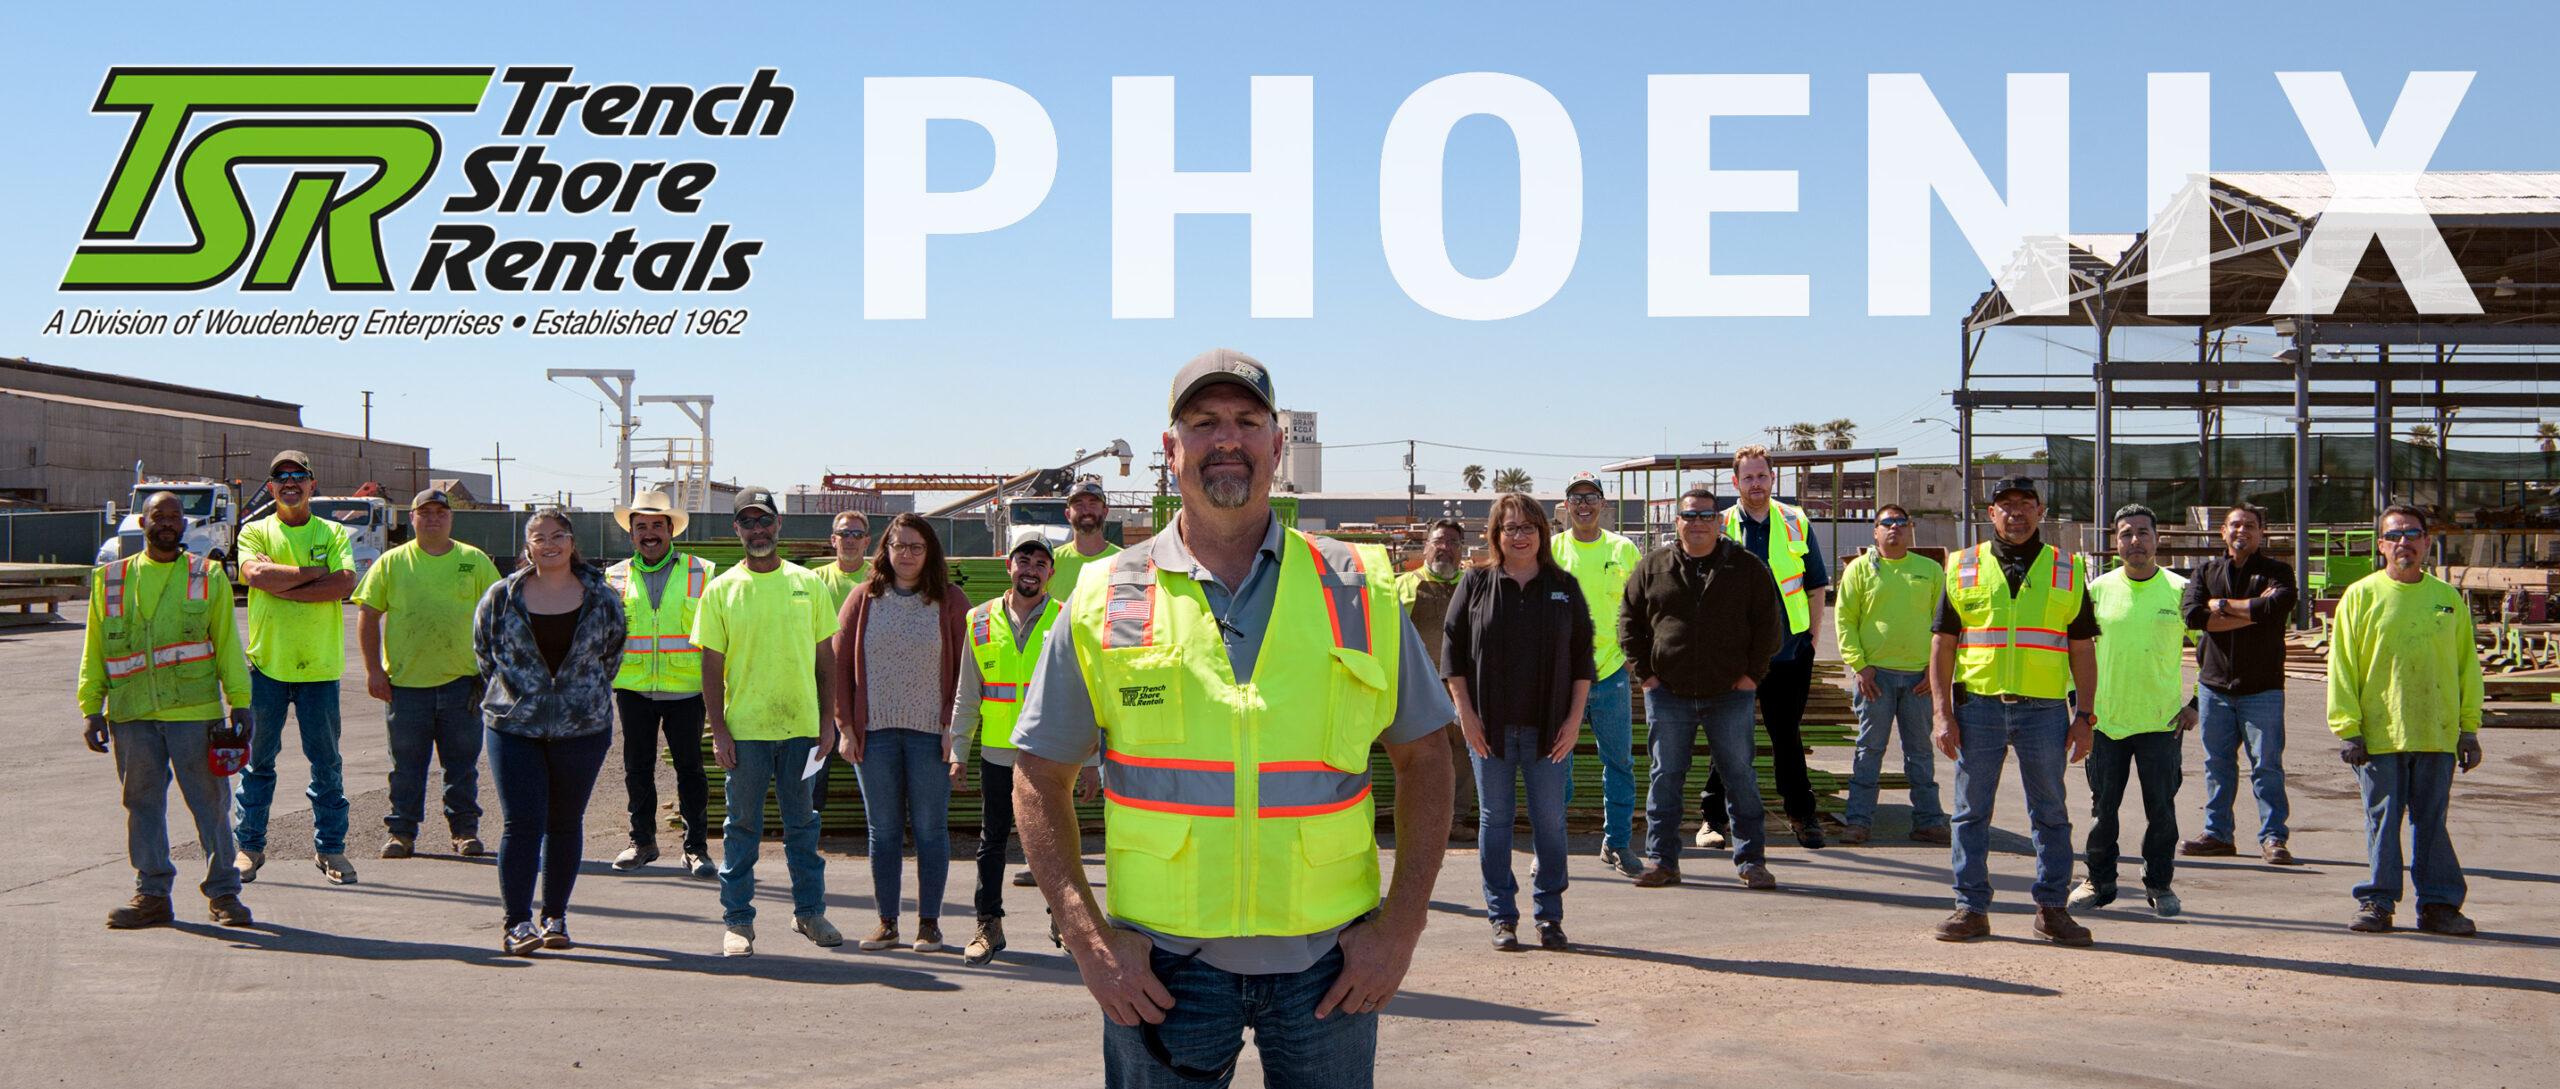 Phoenix Trench Shore Rentals